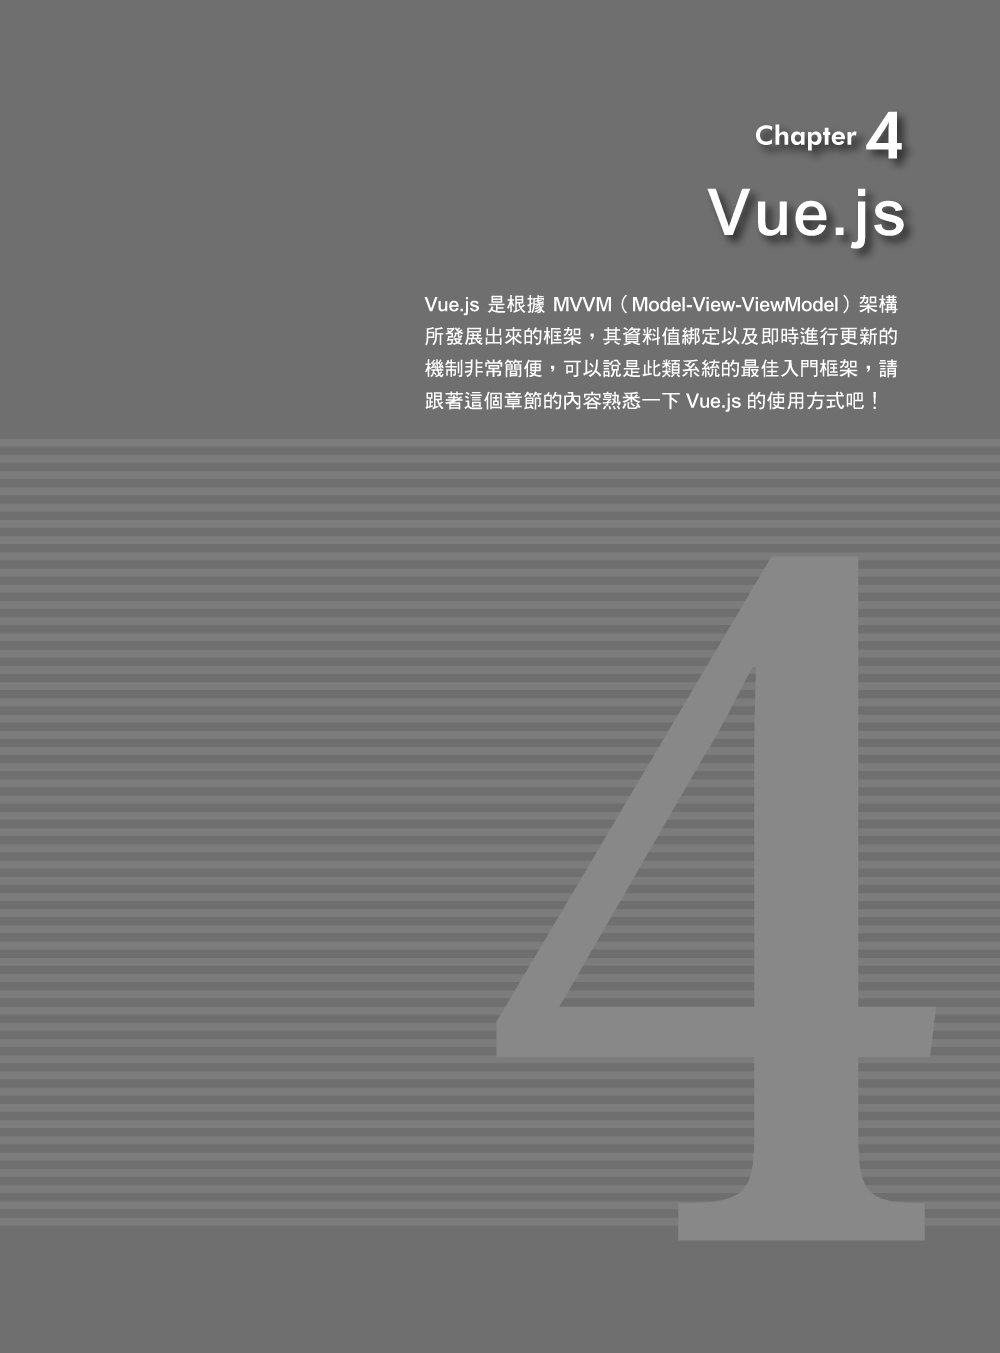 一次搞懂熱門前端框架 - React、Vue.js、Angular、Backbone.js、Aurelia-preview-2